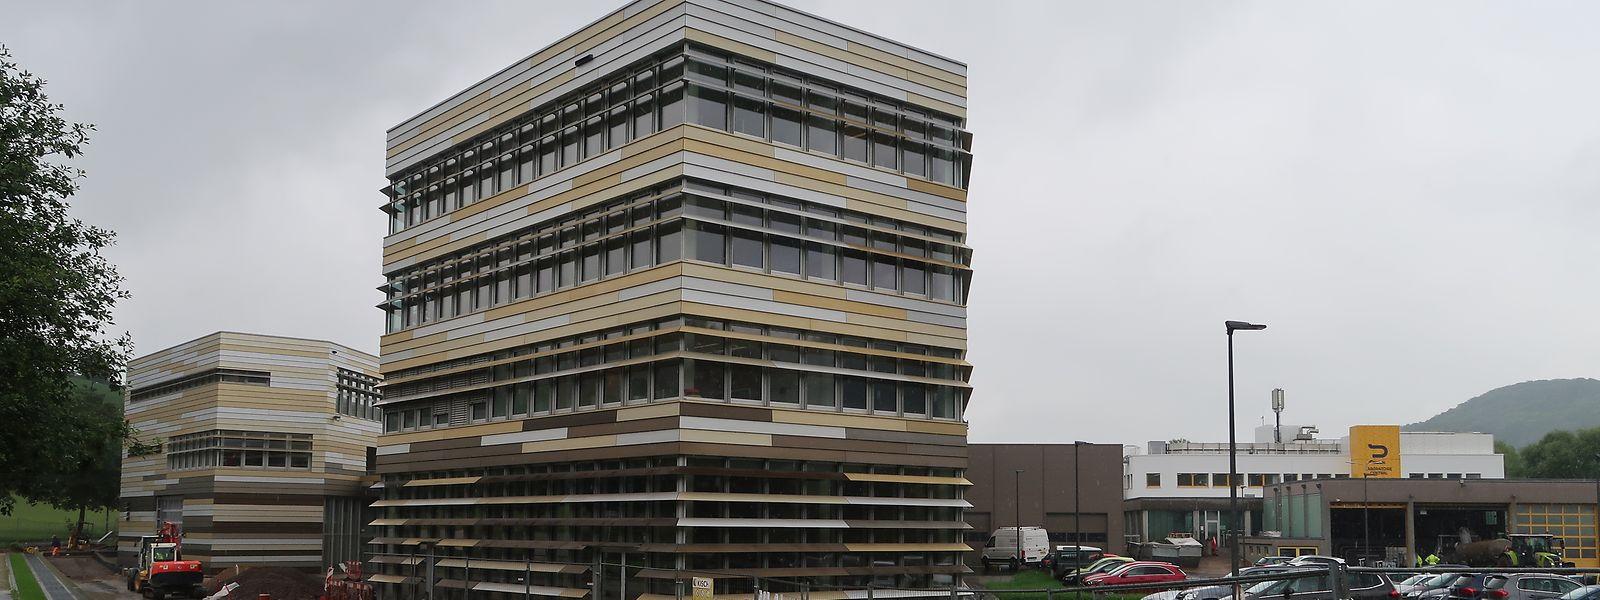 Im Außenbereich bleiben nur noch kleinere Arbeiten zu erledigen. Im Vordergrund erkennt man das Verwaltungsgebäude des Siden.